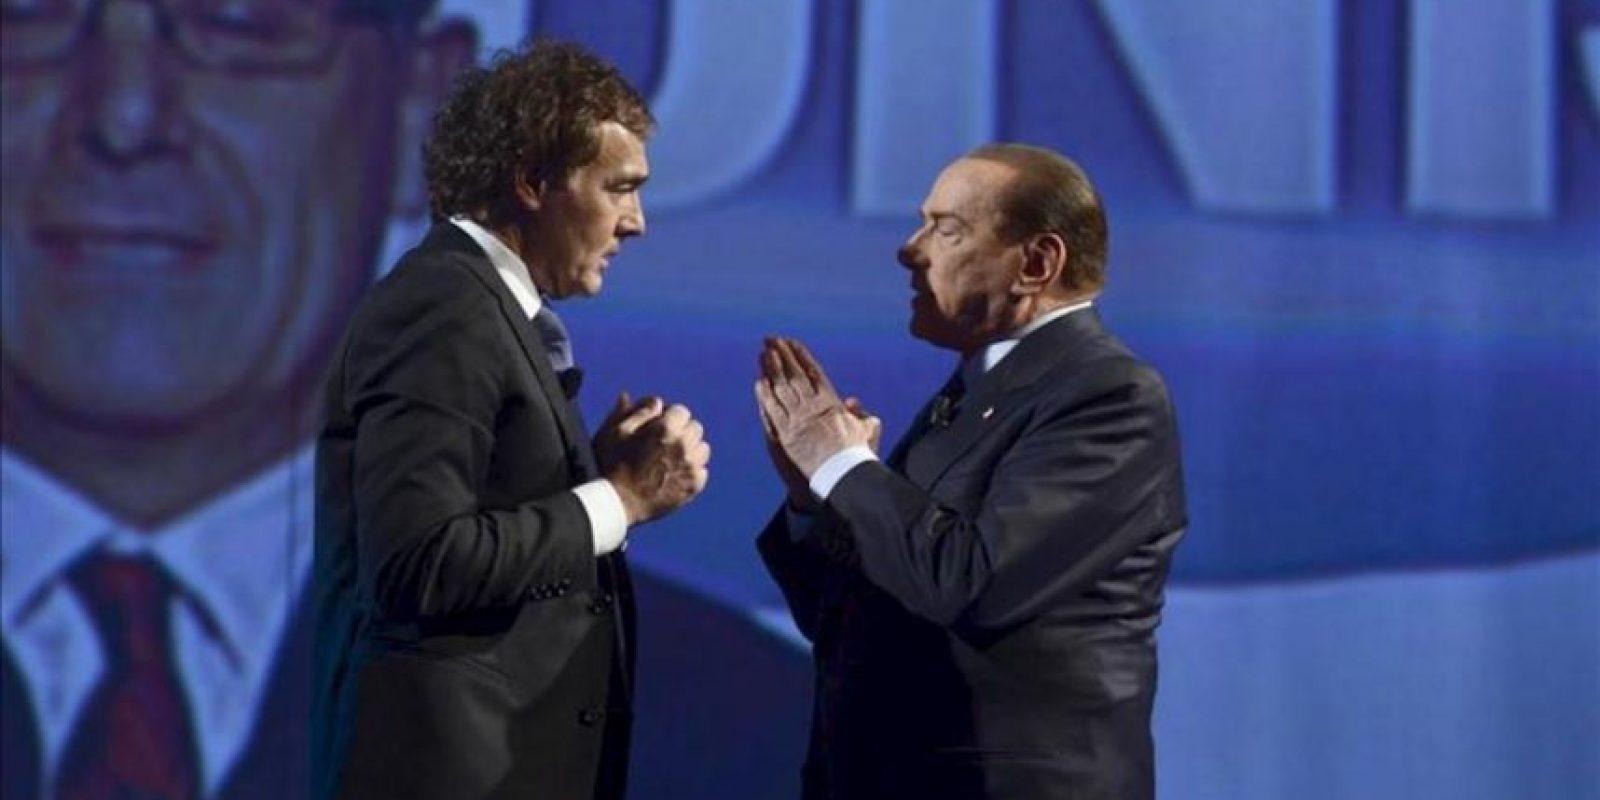 En la imagen, el ex primer ministro Silvio Berlusconi, durante su participación hoy en un programa de tv. EFE